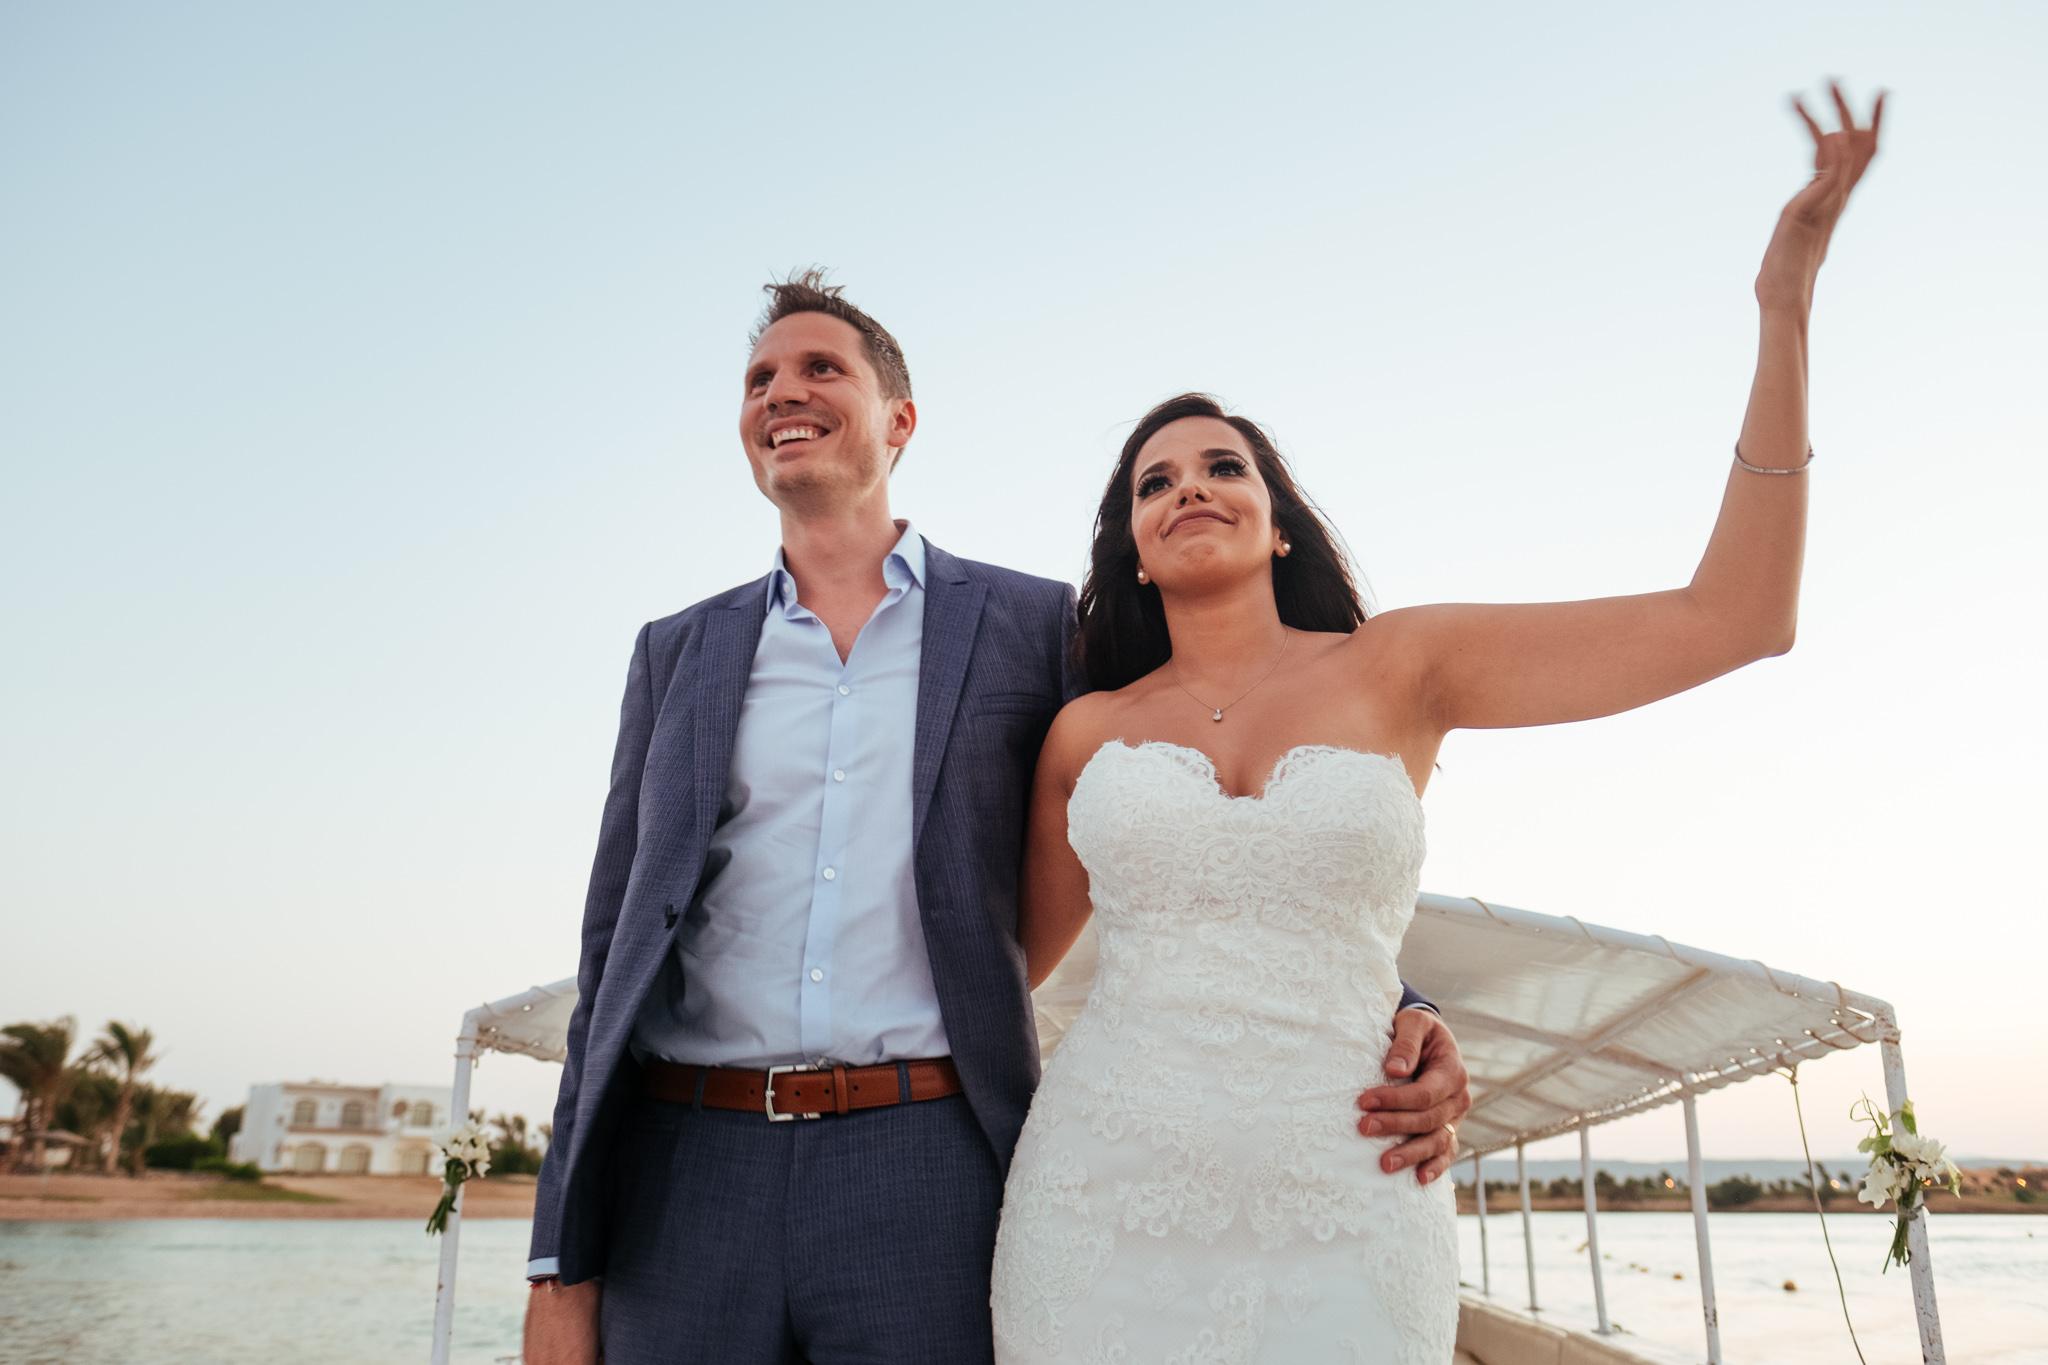 wedding-in-egitto-64.jpg